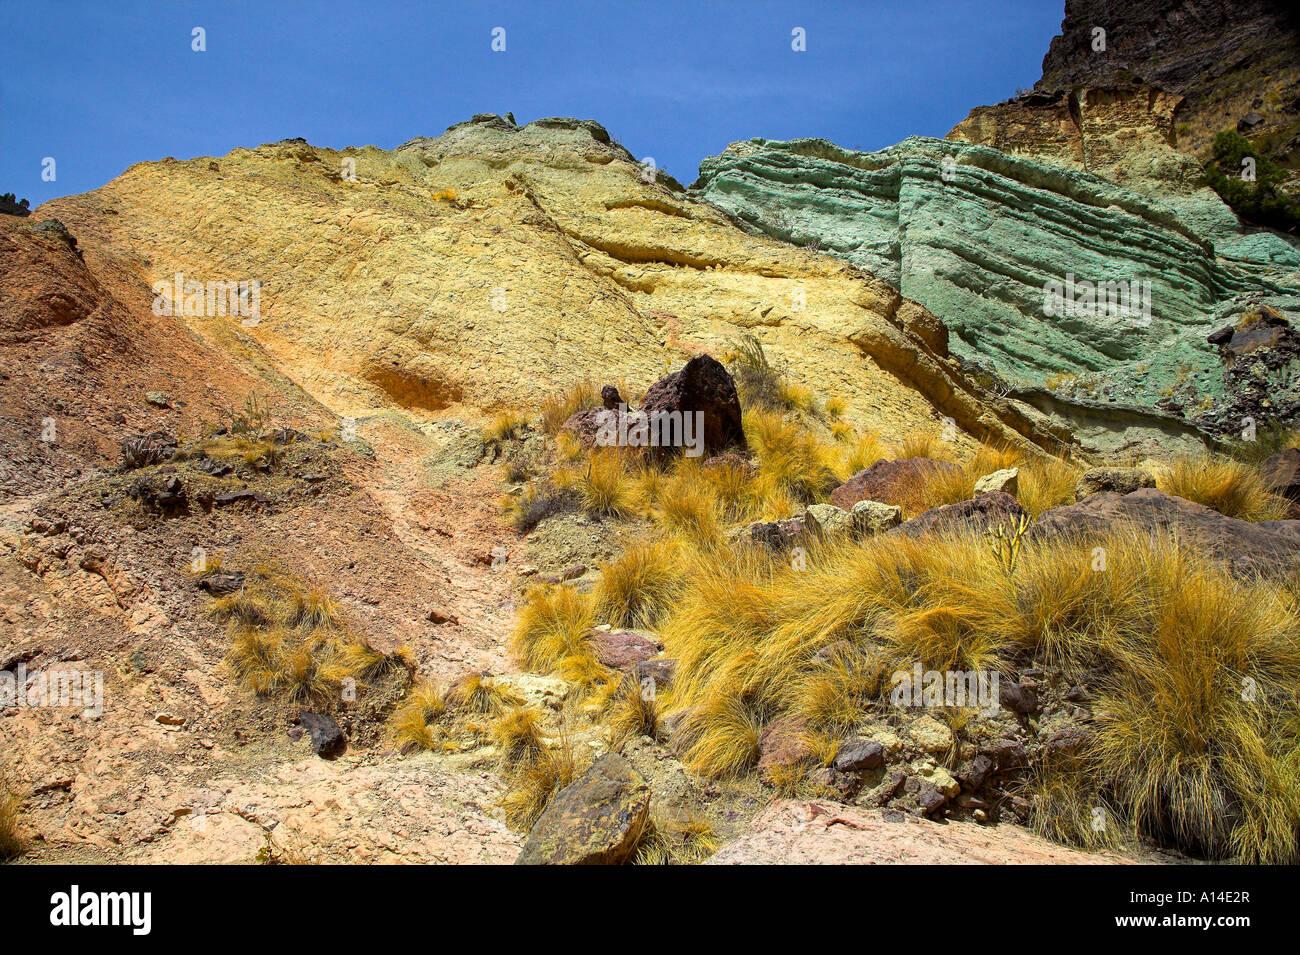 Los azulejos gran canaria stock photo royalty free image - Los azulejos gran canaria ...